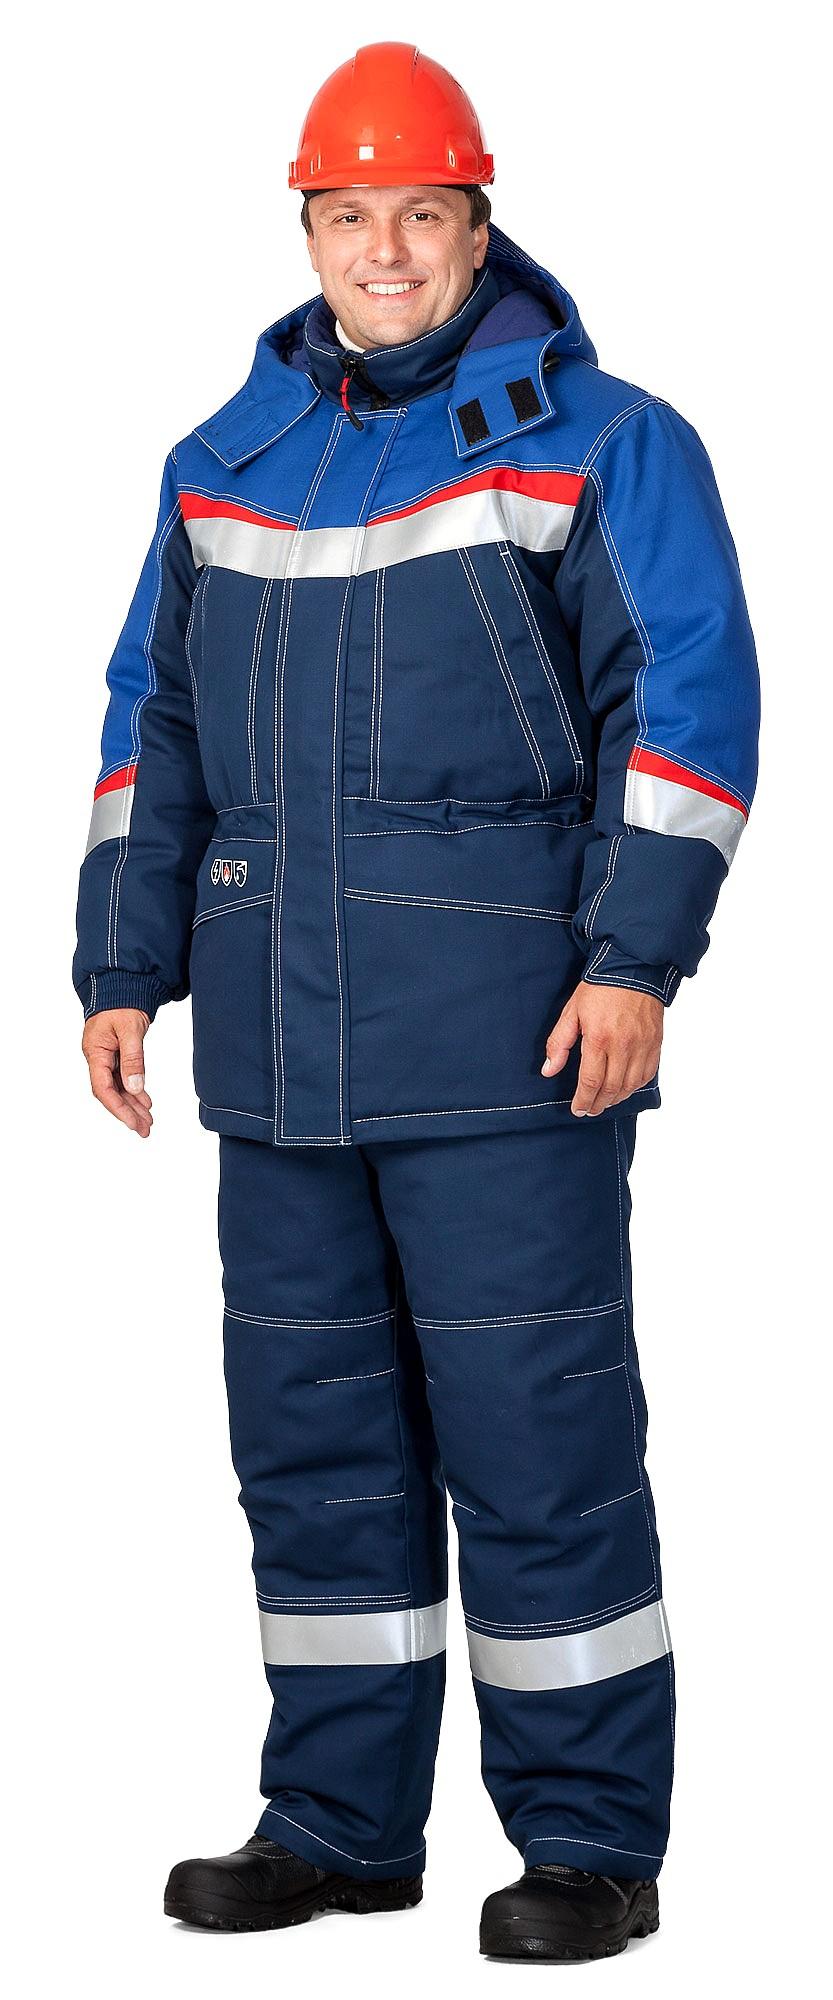 022367fa6dfa Костюм мужской «Мегатек» для защиты от пониженных температур из ...